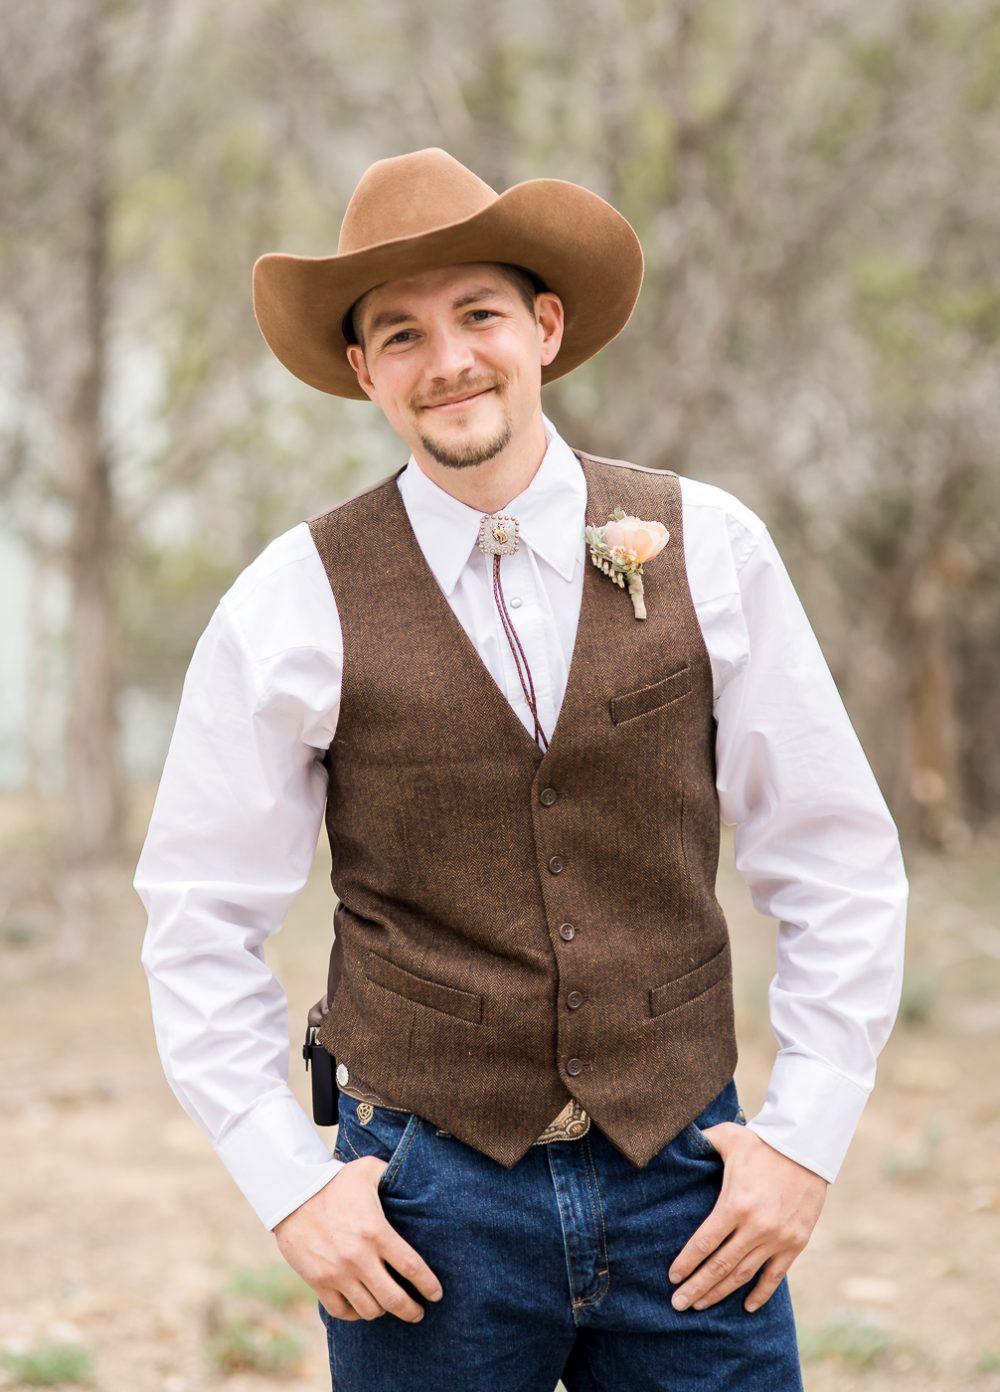 Rustic Grooms Wedding Attire Groom With Cowboy Hat Groom With Vest Groom With Bolo Tie Cowboy Wedding Attire Cowboy Groom Casual Groom Attire